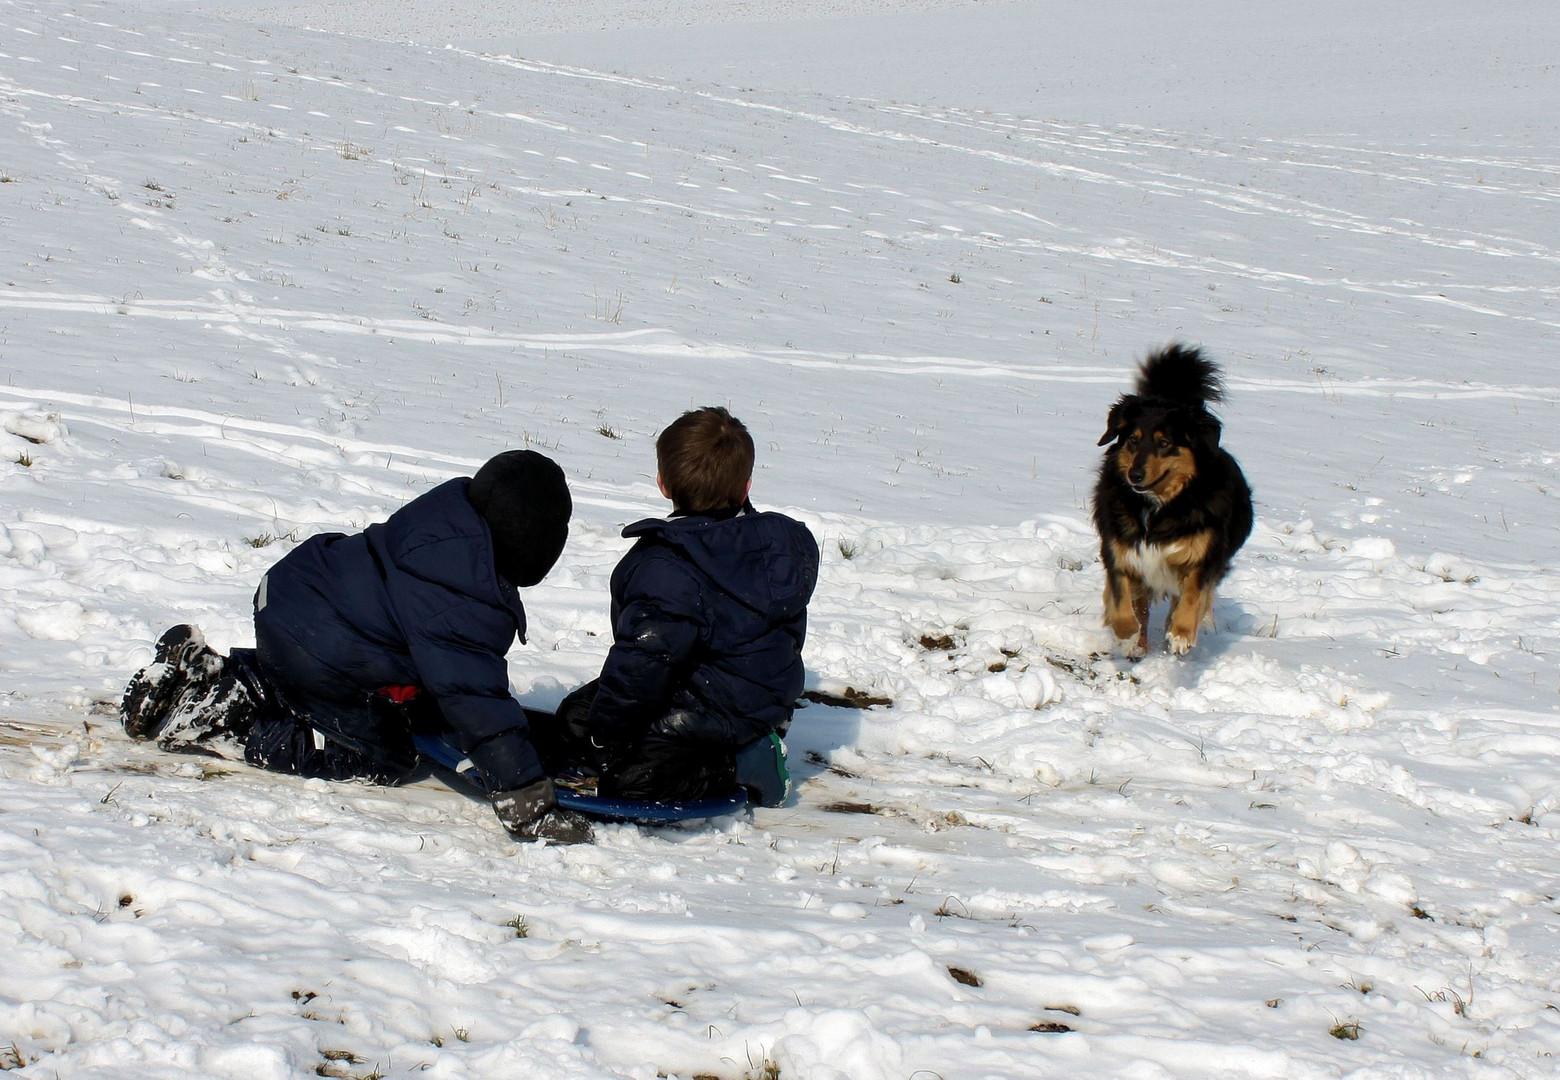 Das Spielen im Schnee...